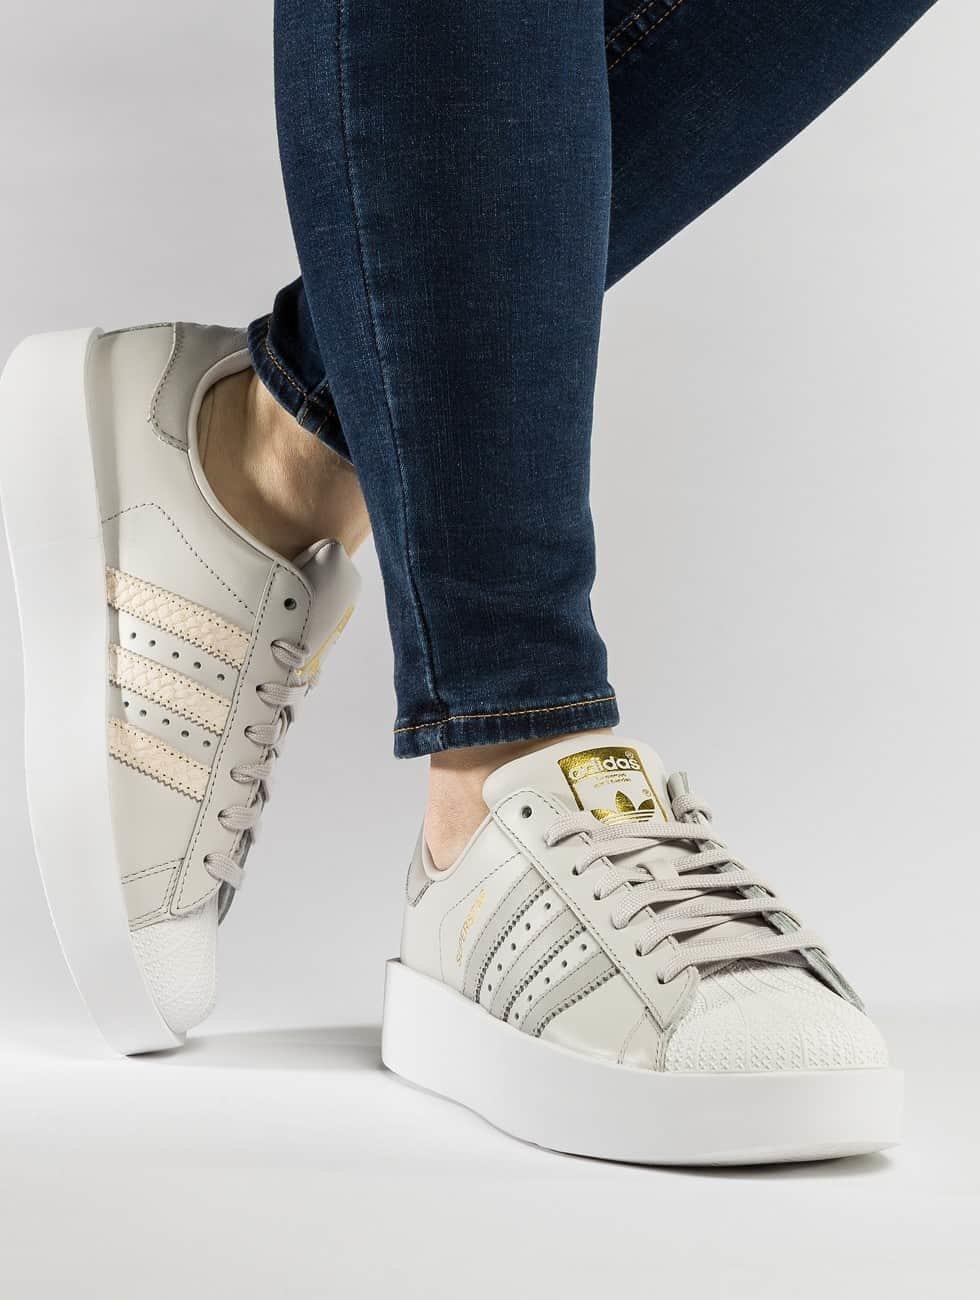 betrouwbaar adidas originals schoen / sneaker Superstar Bold in grijs 437530 100% Origineel Goedkoop Online Footlocker Te Koop Ocdu3S5